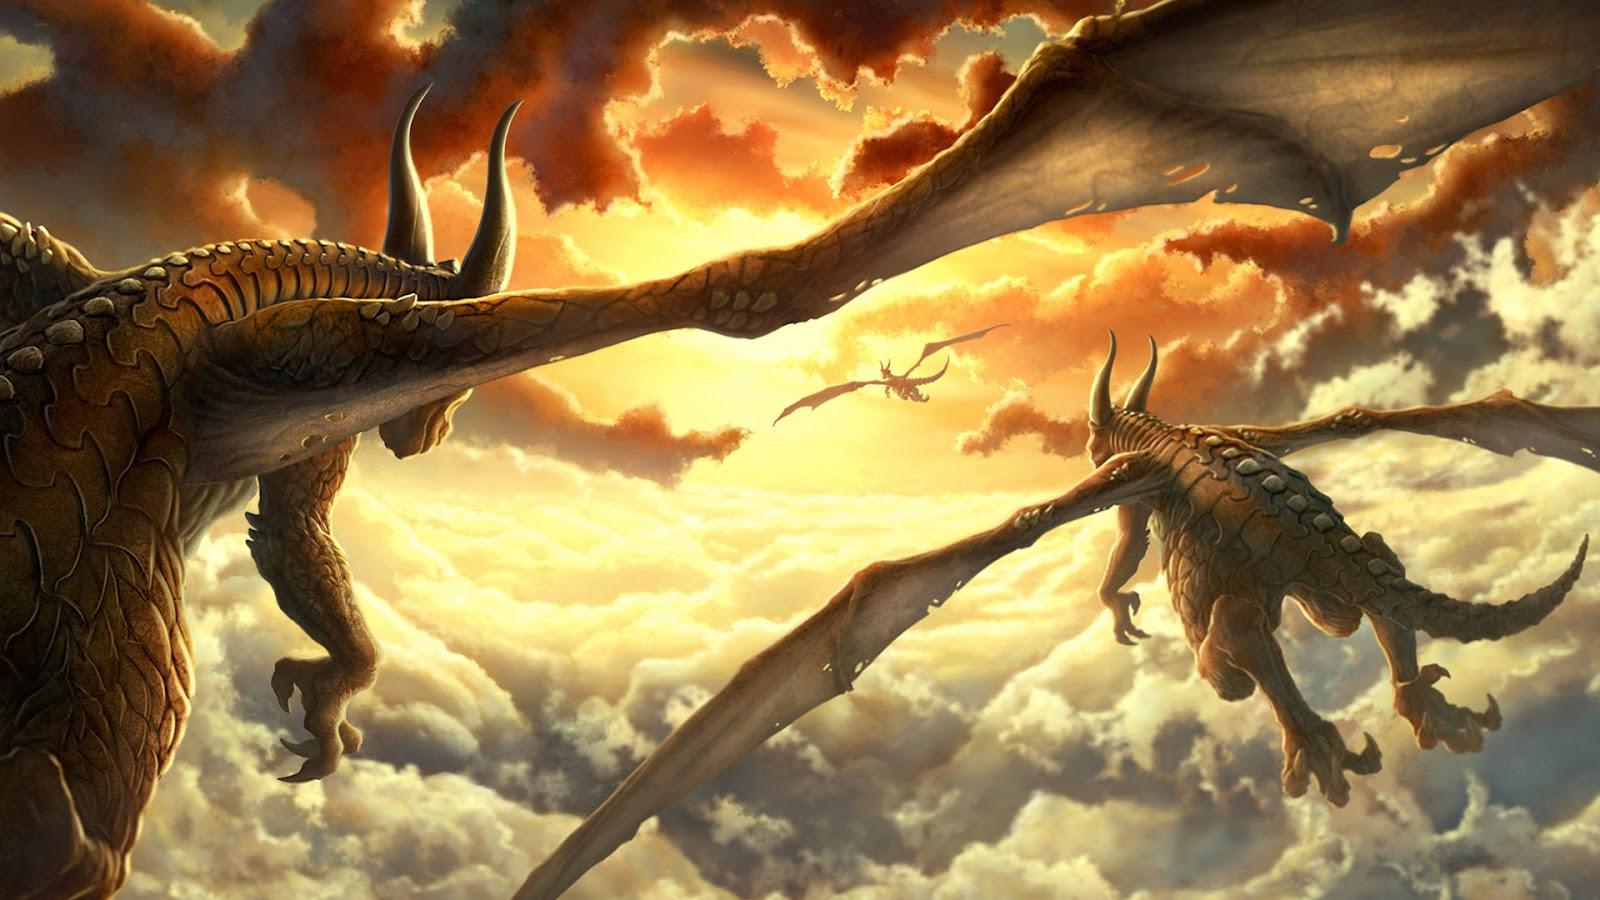 Imagens de Fund... Flying Fantasy Dragons